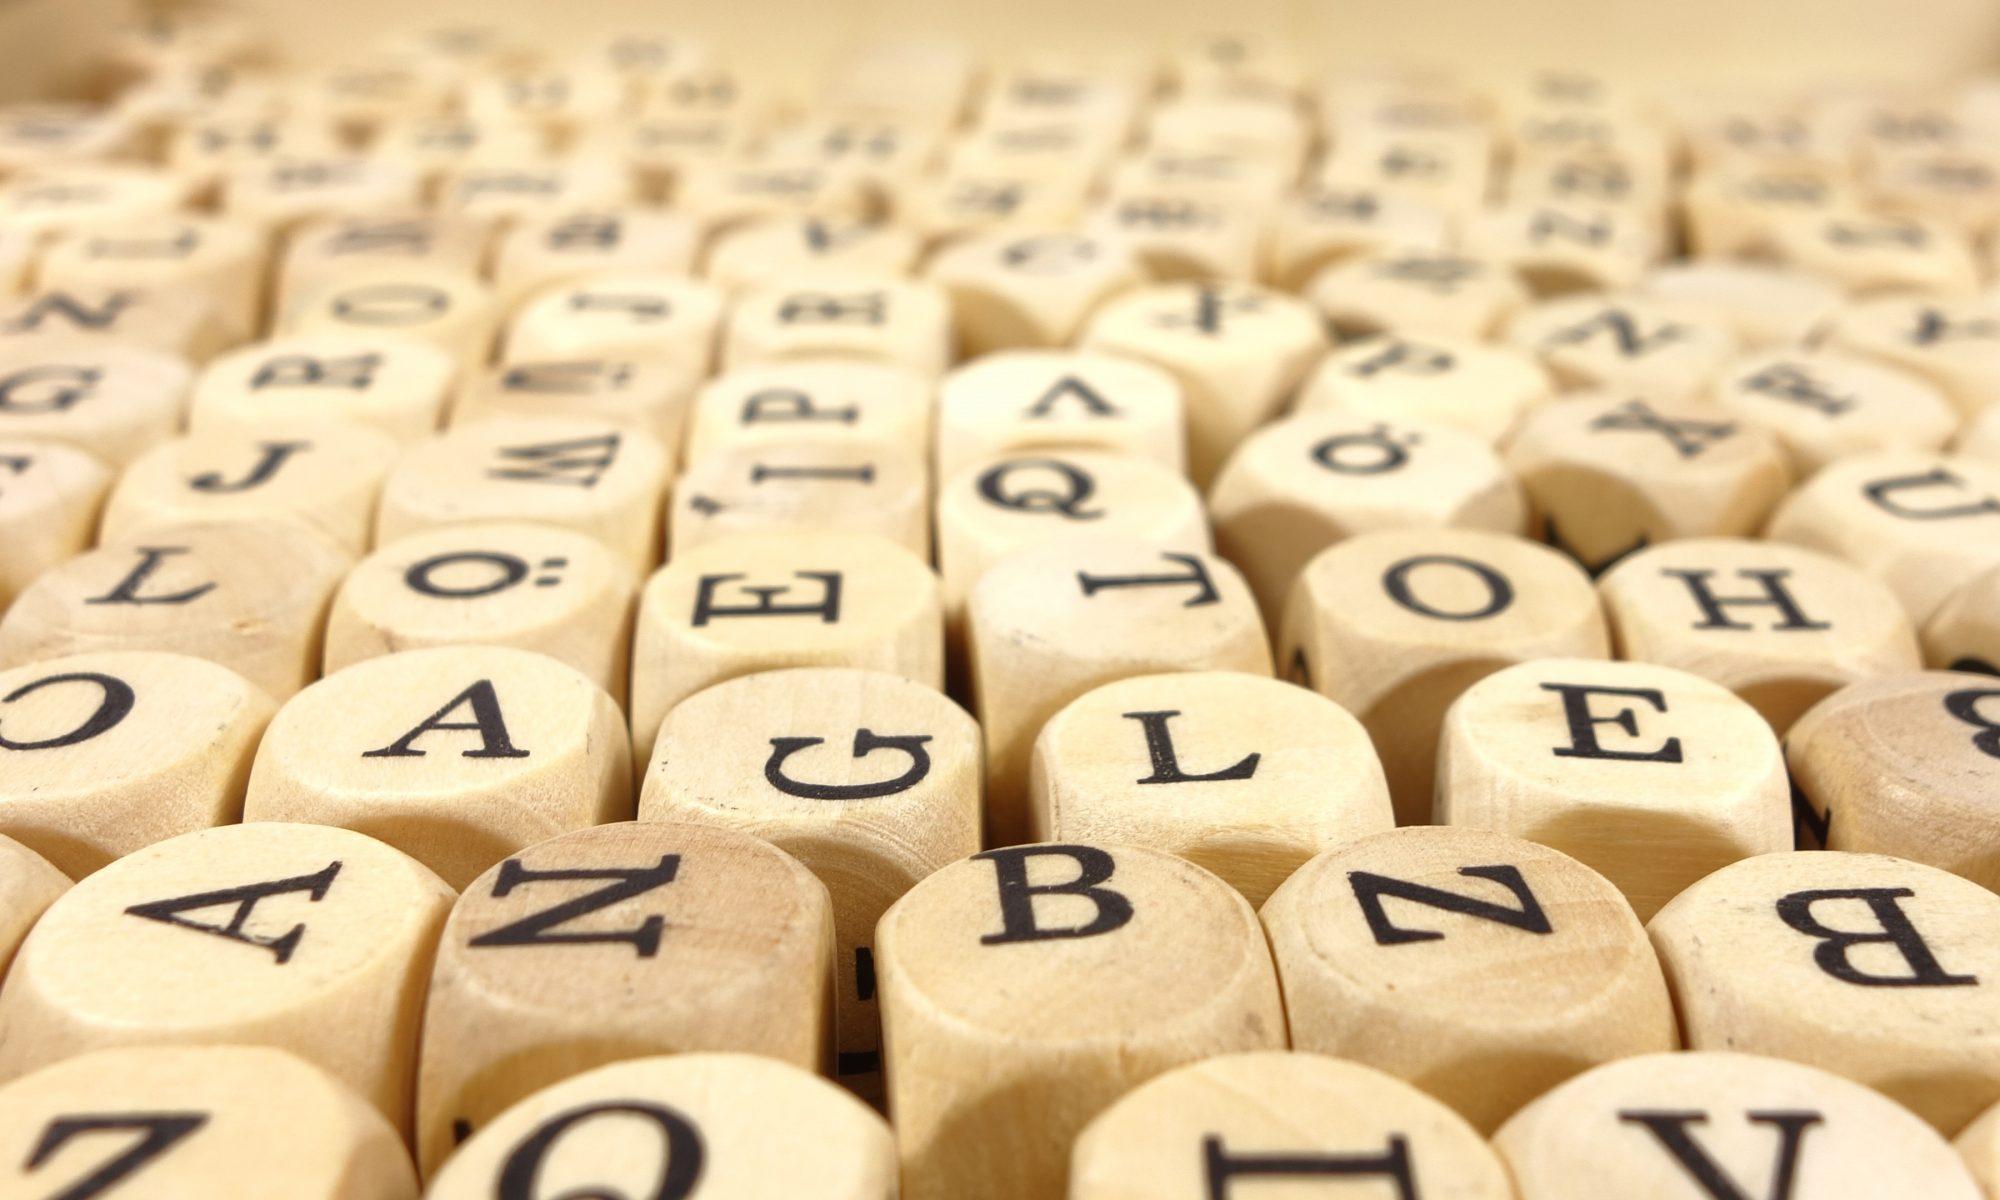 Comment choisir ses mots-clés avant de lancer une campagne Google Adwords ?